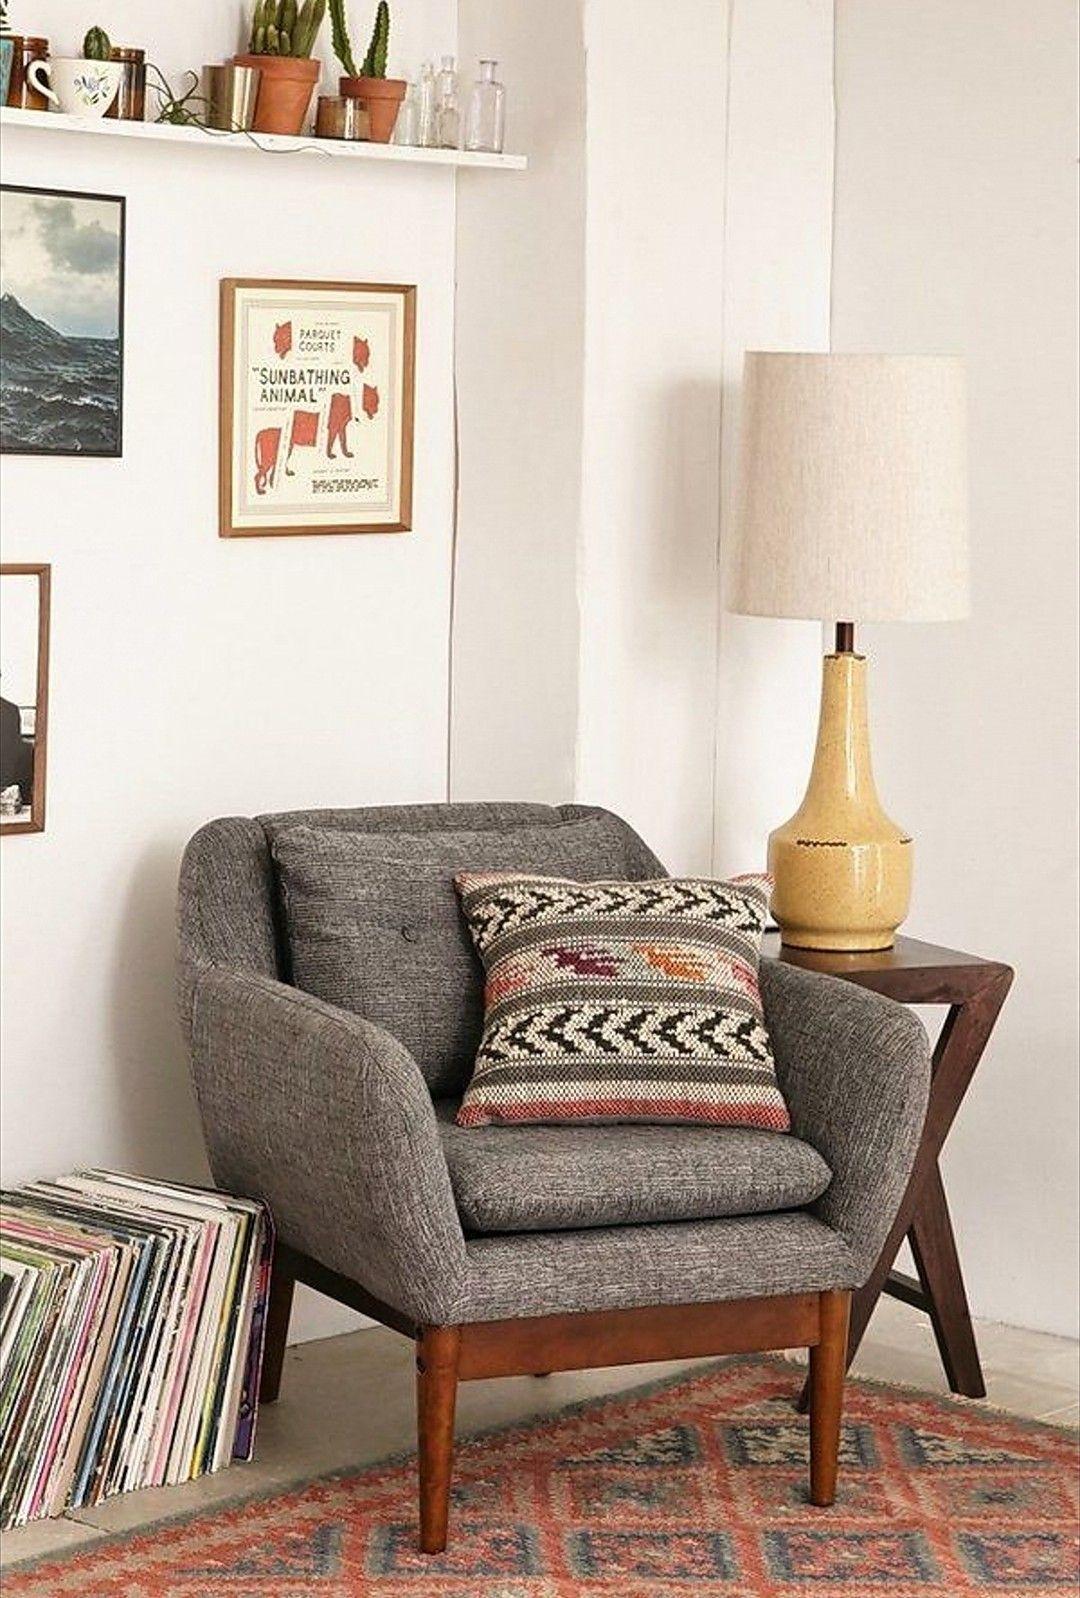 Moderne Akzenttühle, Wohnzimmer Akzent Stühle, Moderne Stühle, Wohnzimmer  Kissen, Wohnzimer, Vintage Einrichtung, Designer Stuhl, Schlafzimmerdeko,  ...